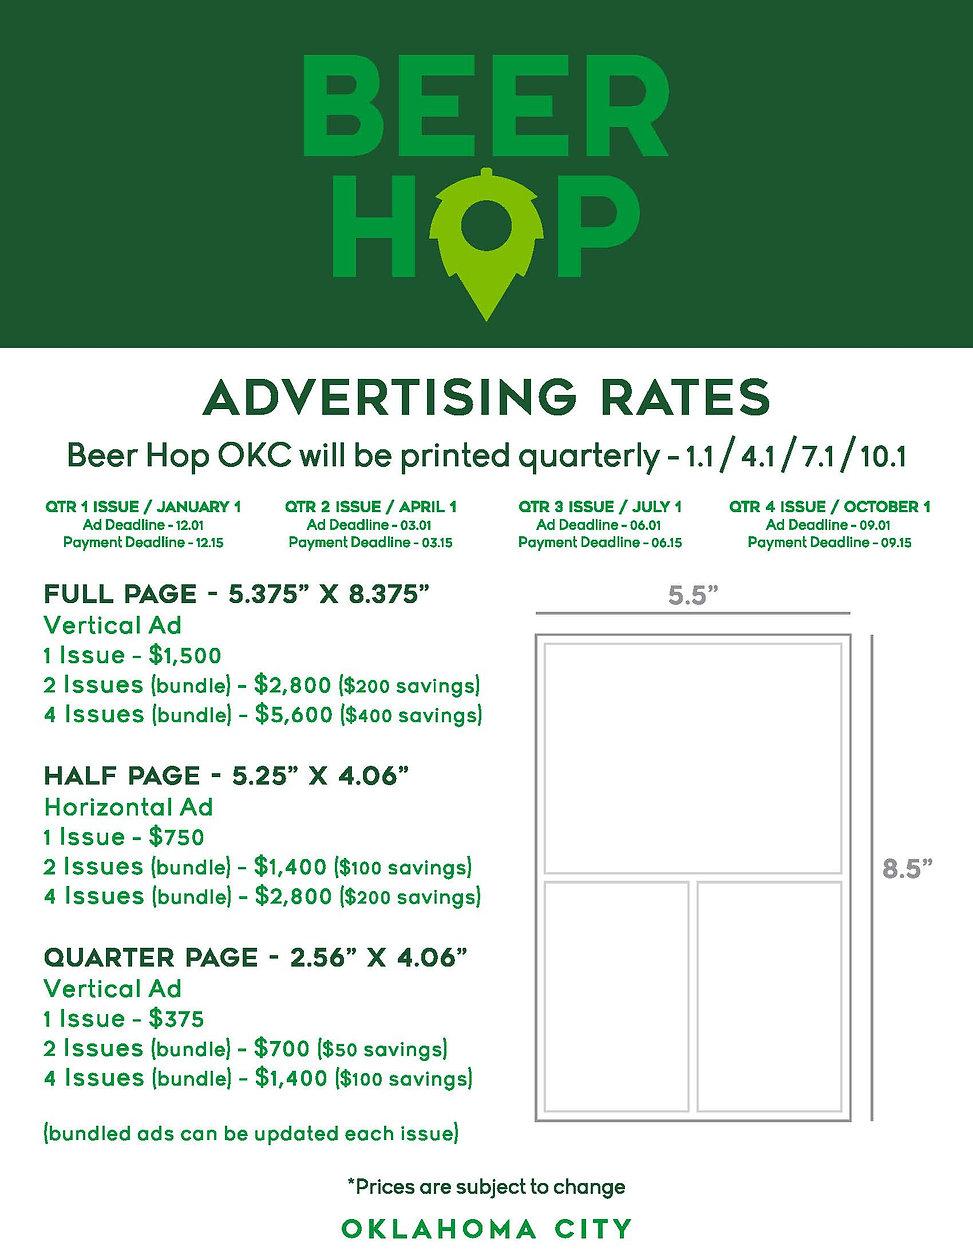 BeerHop_OKC_Advertising(web)_Page_1.jpg